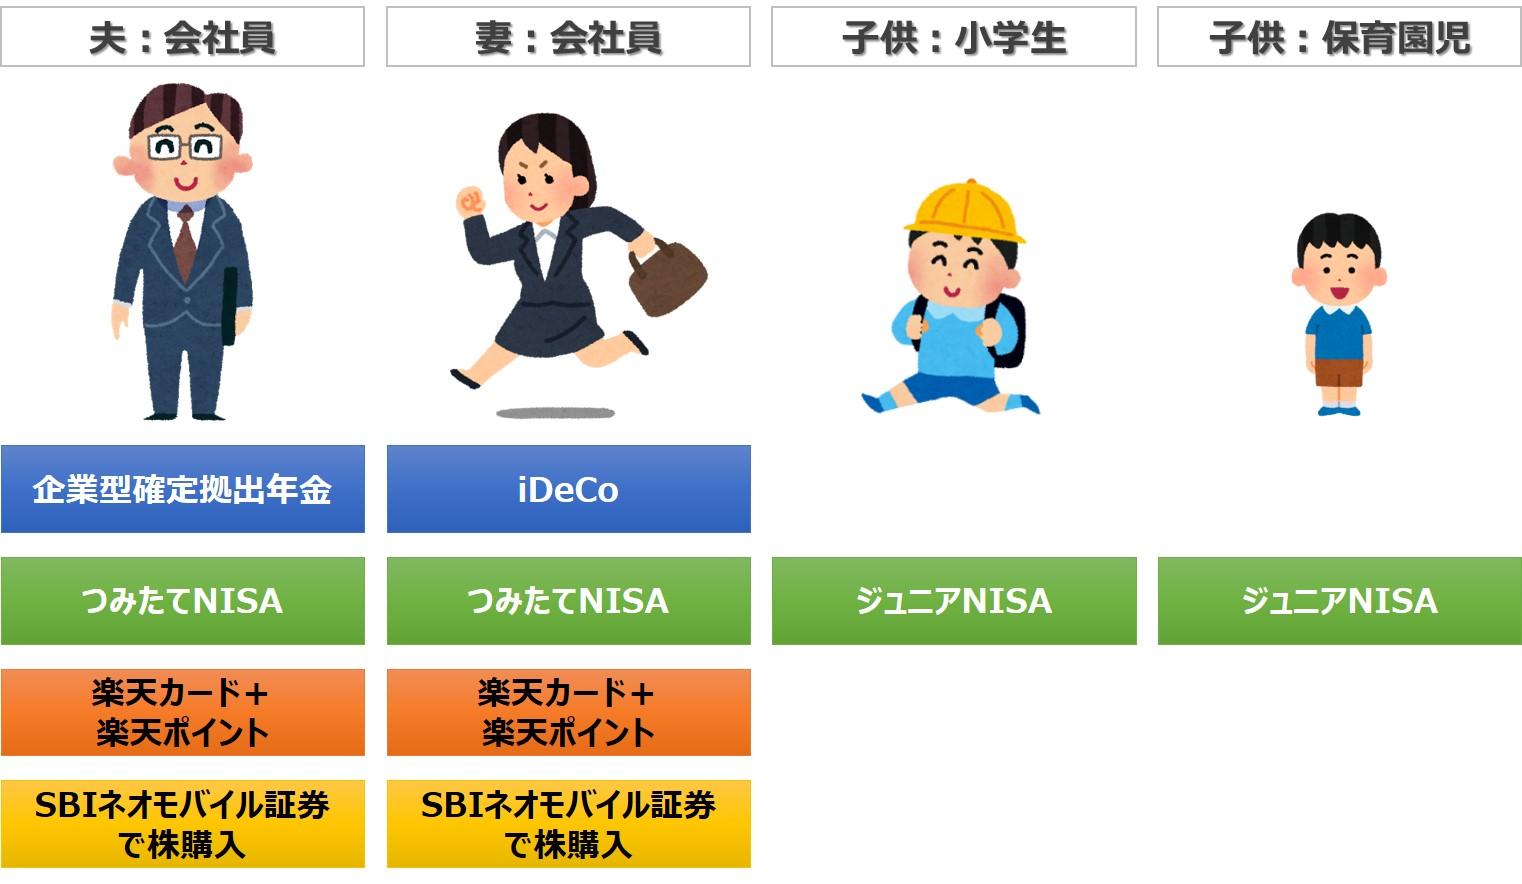 組合せモデル:4人家族(共働き夫婦、小学生、保育園児)